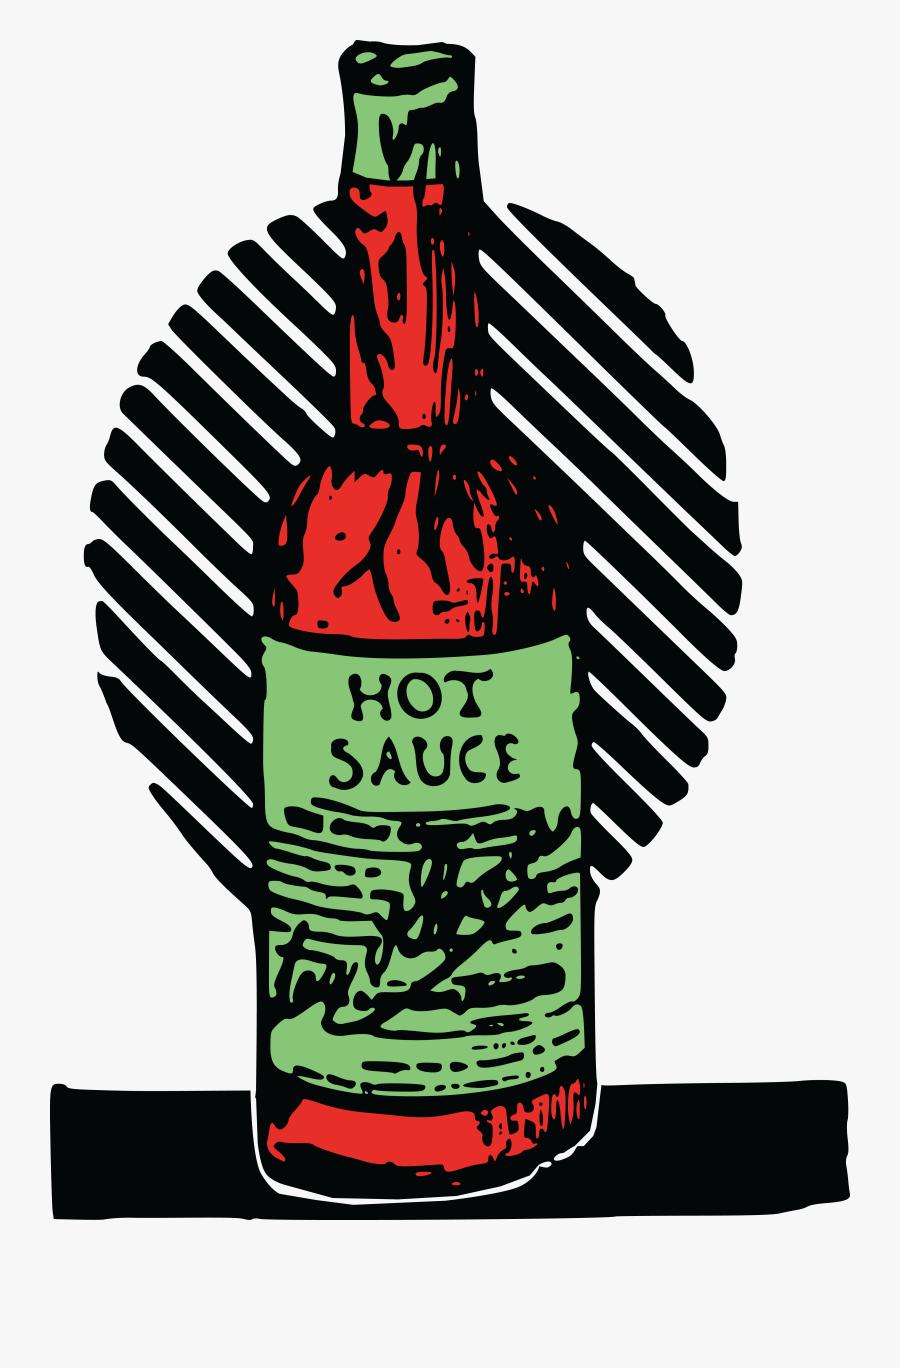 Transparent Sauce Clipart - Qurum Private School Logo, Transparent Clipart